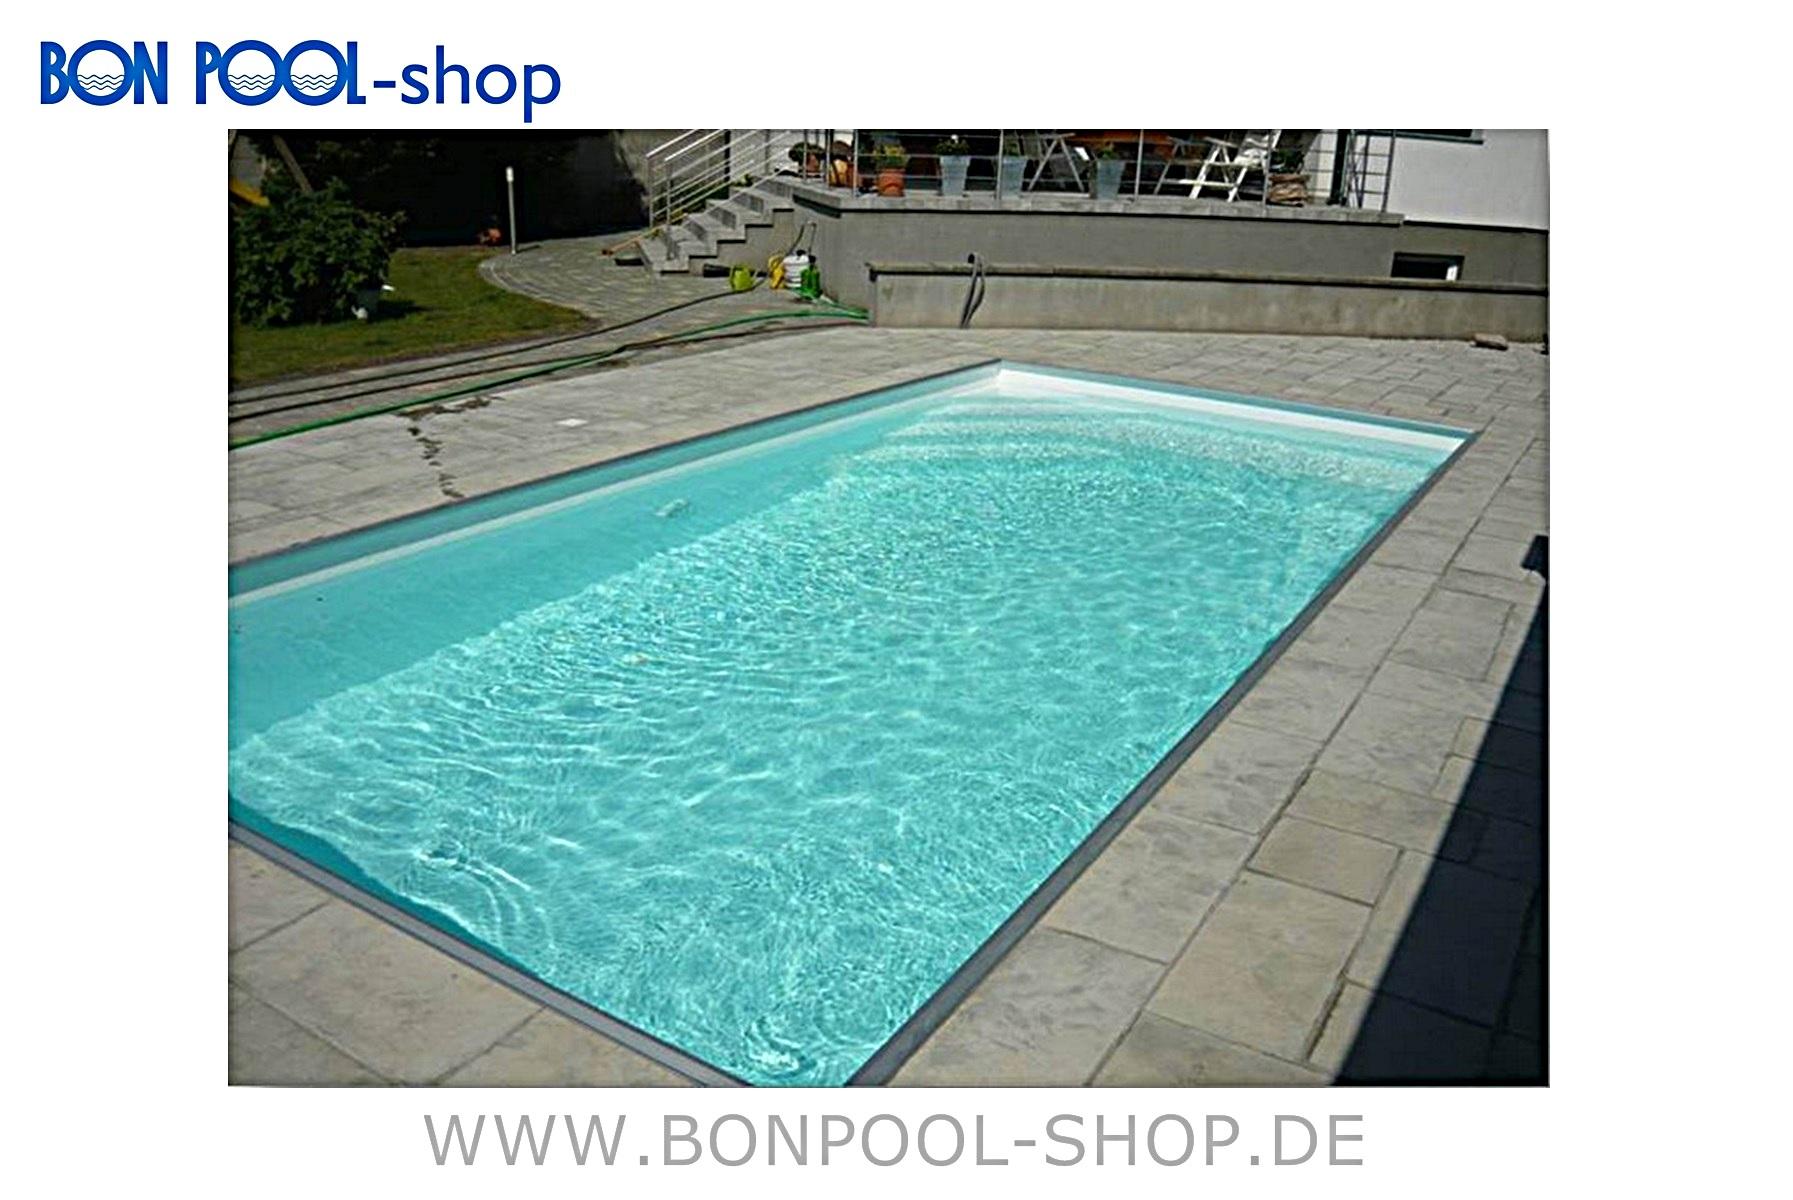 Pp kunststoff rechteckbecken 6 5x3 5x1 5m bon pool for Kunststoff pool rund